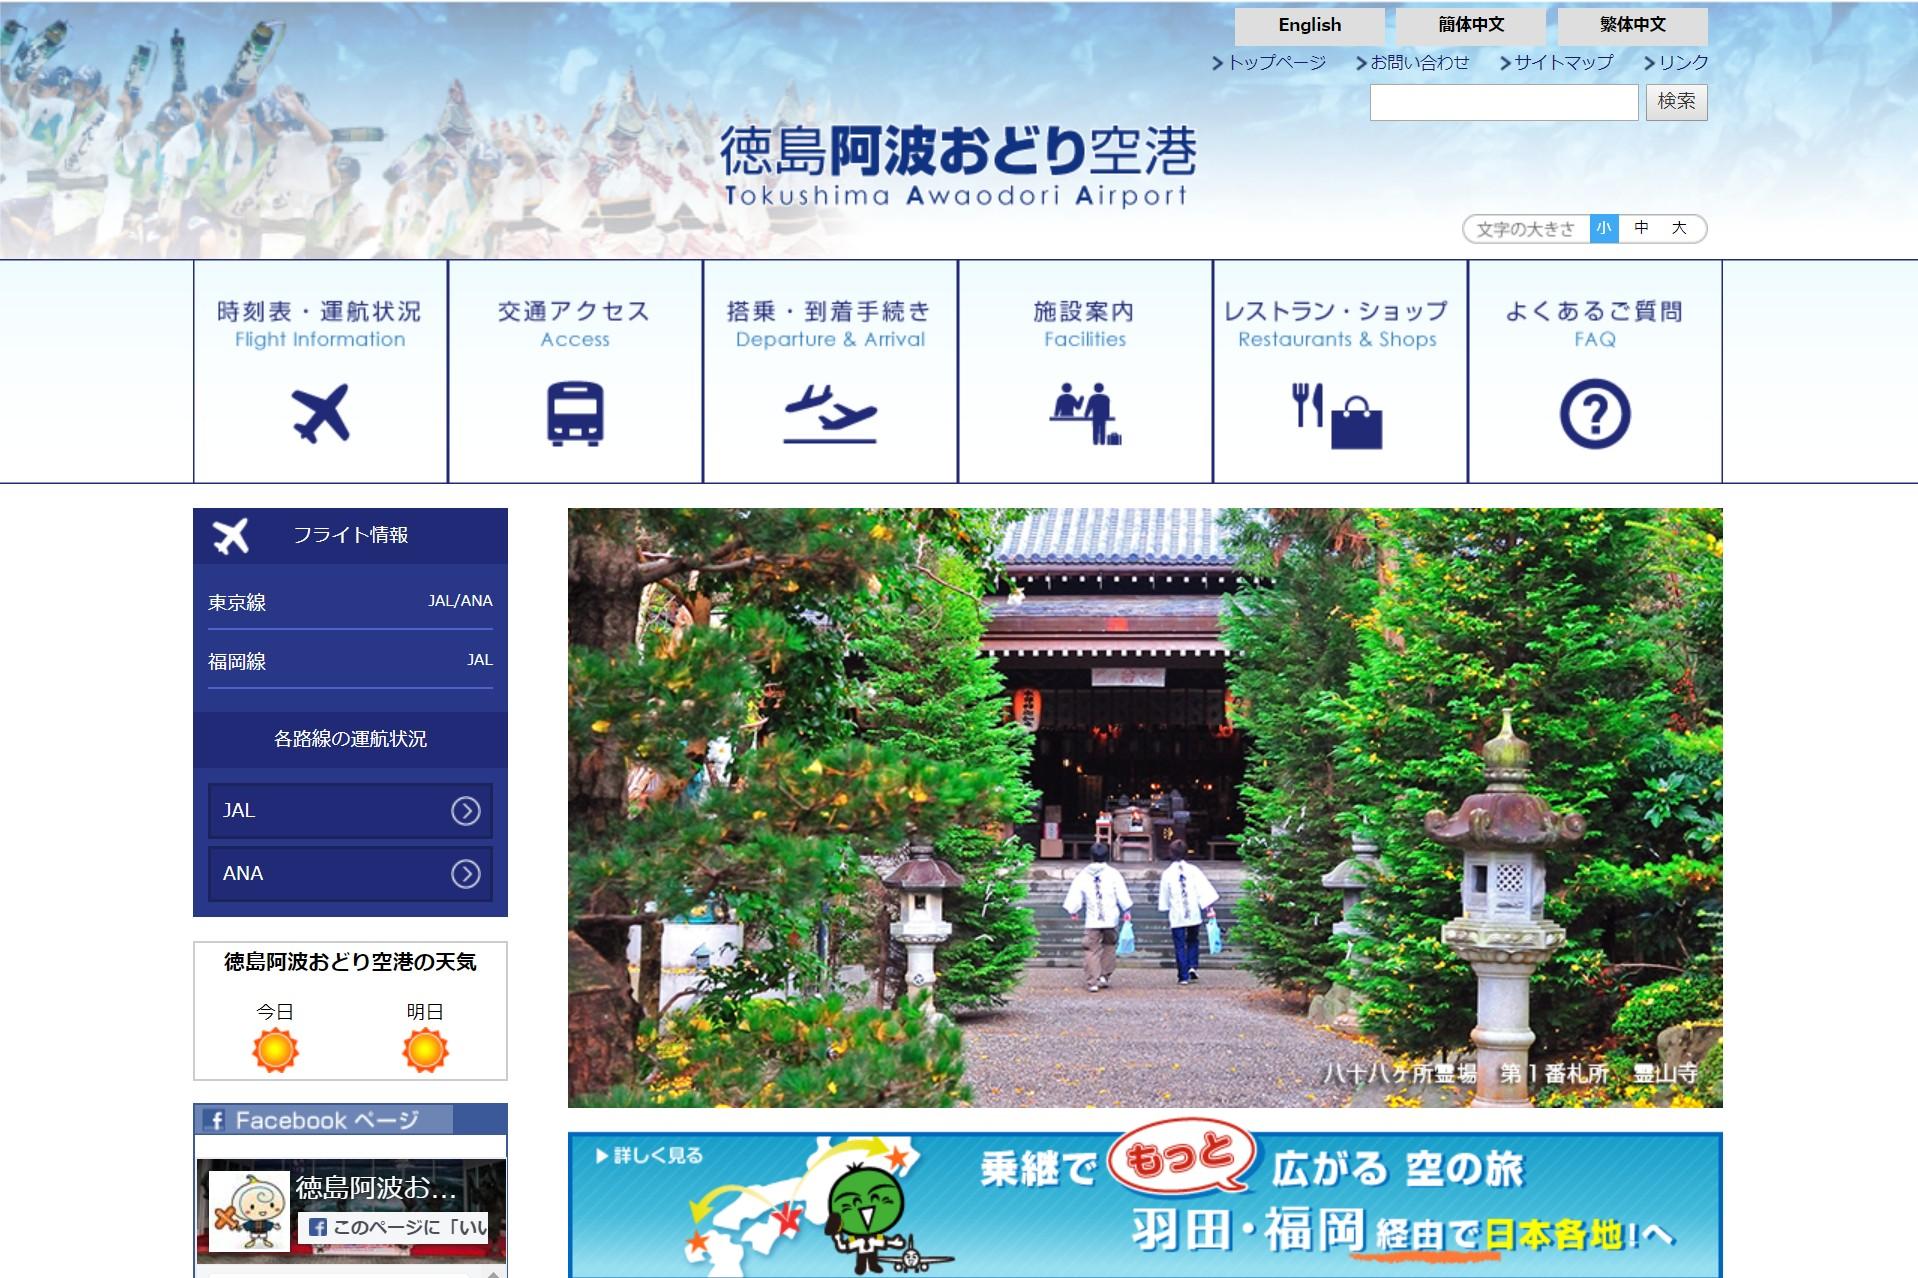 徳島空港公式サイト